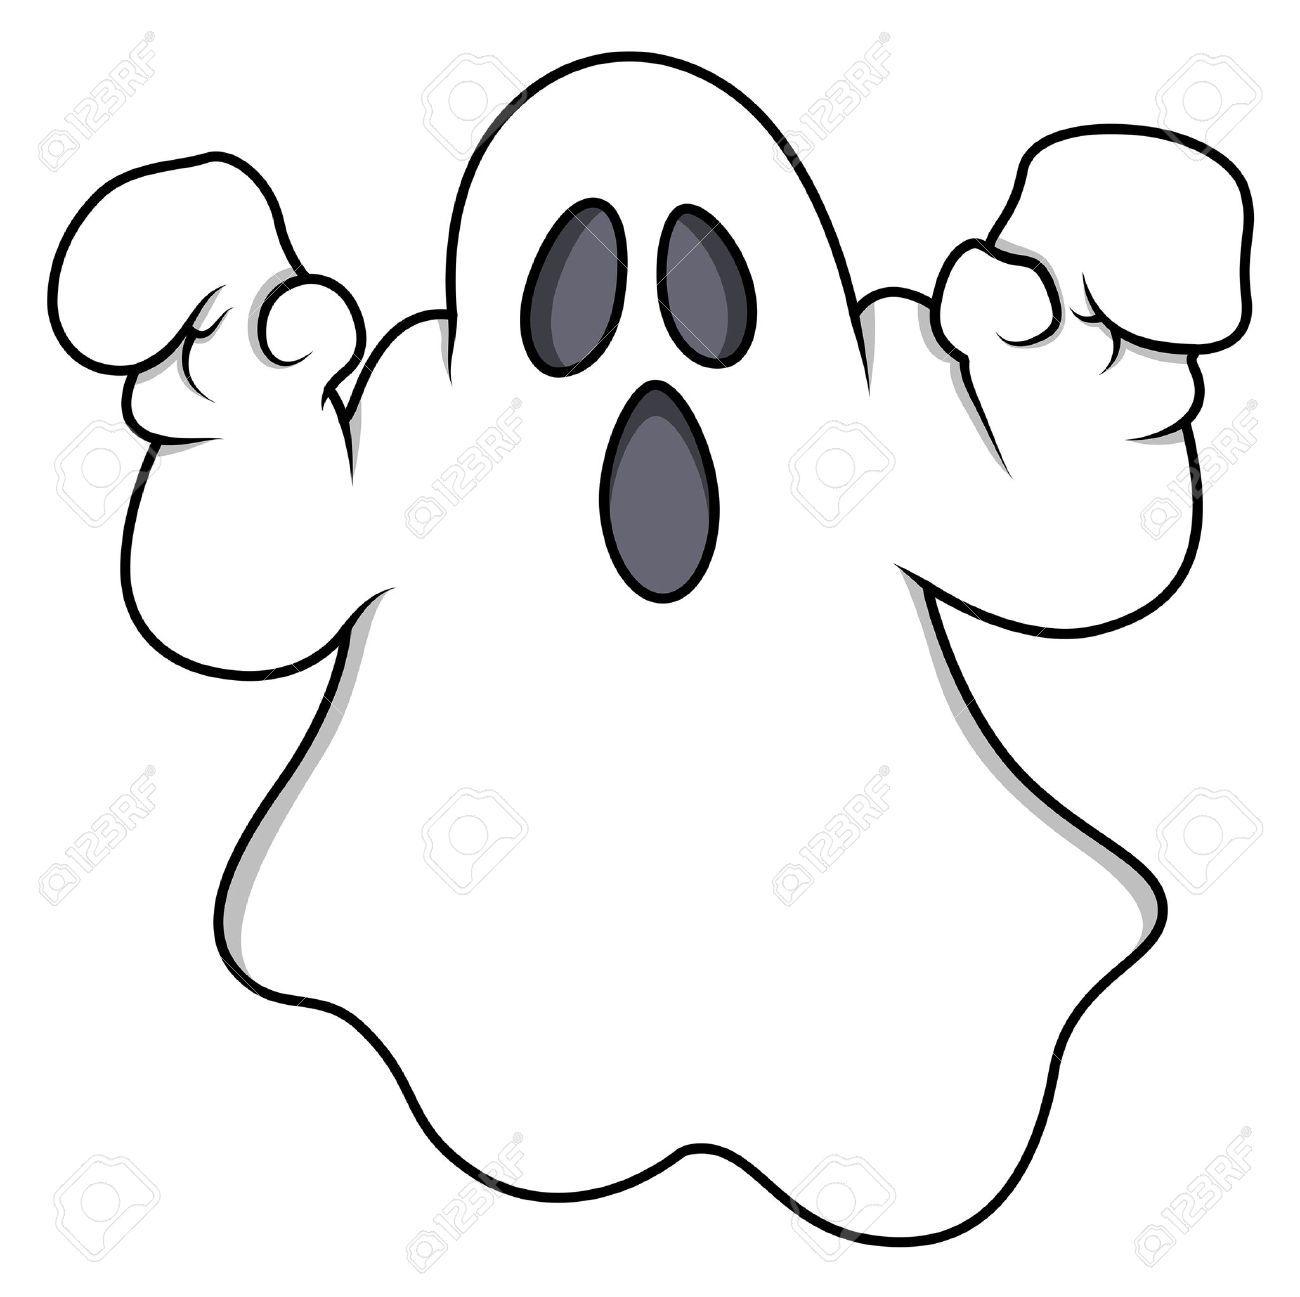 Cartone animato fantasma illustrazione vettoriale